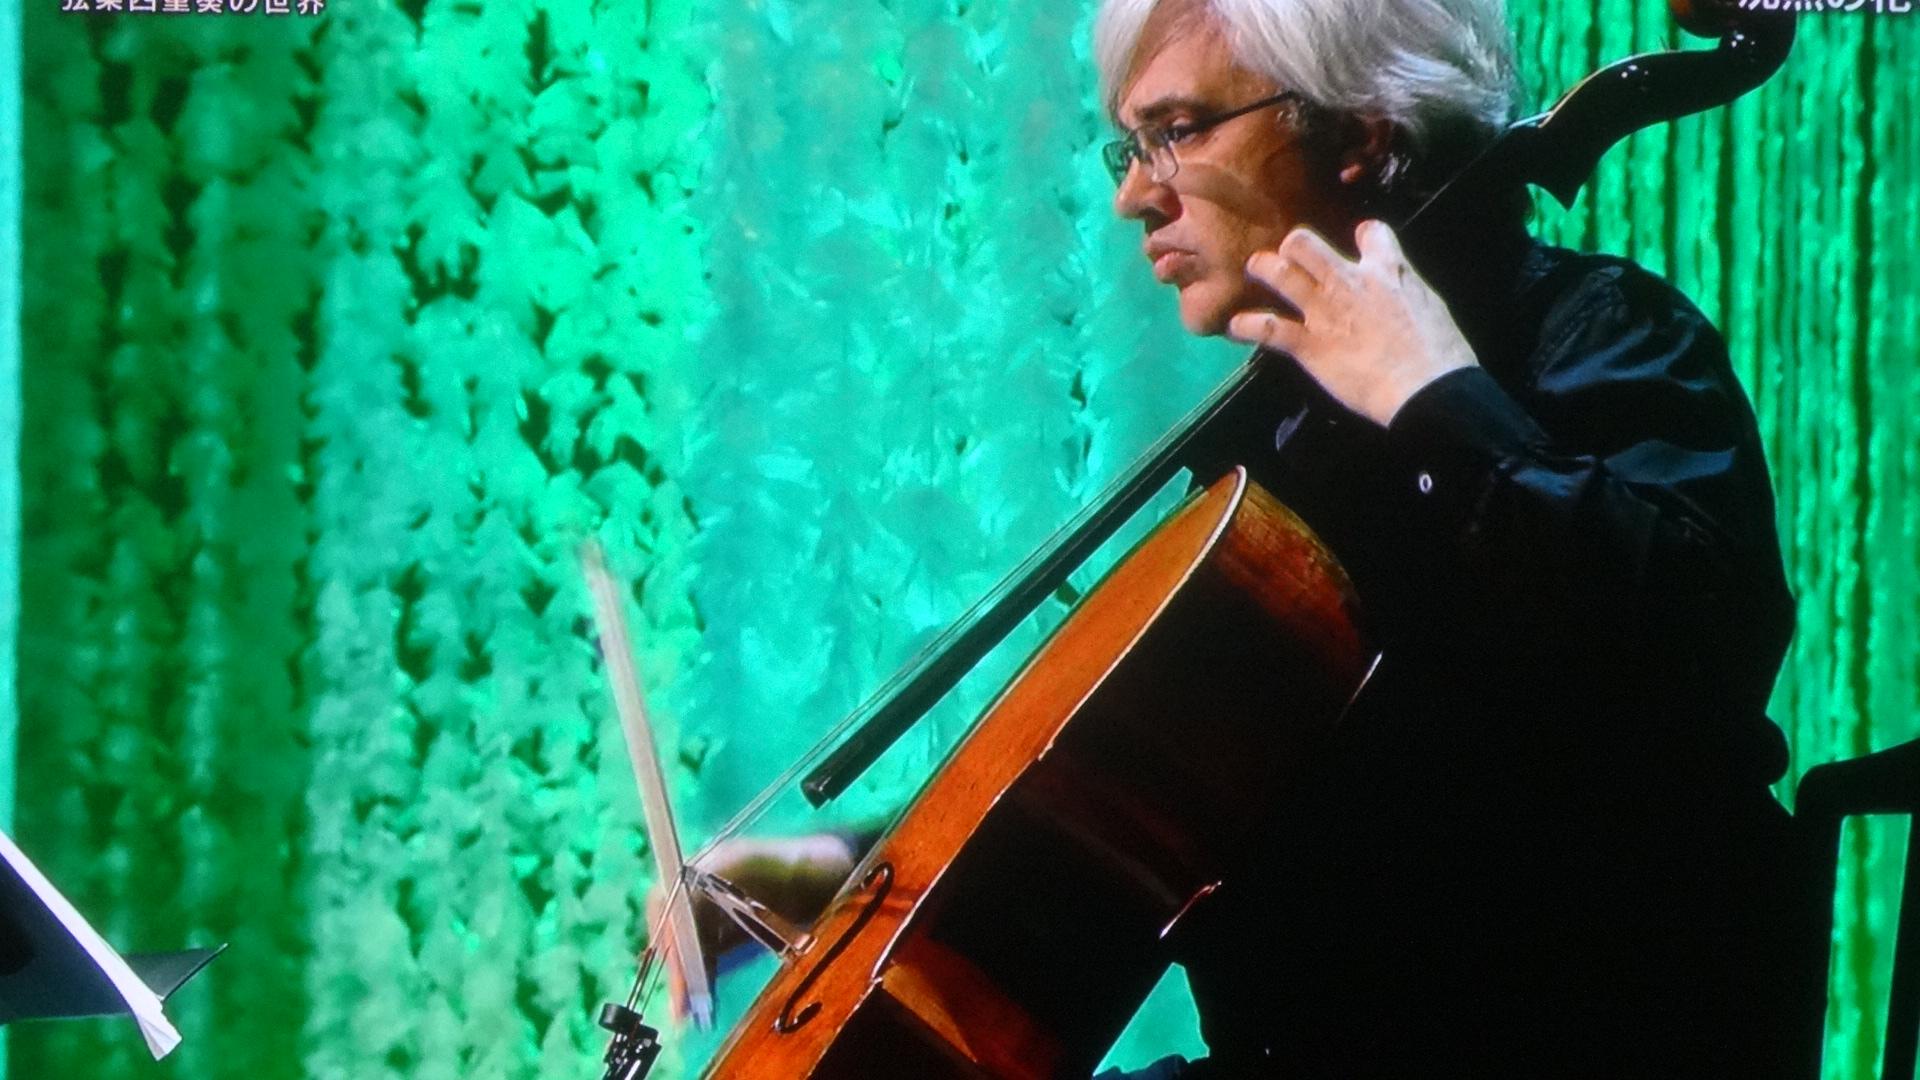 チェロの奏者の写真1